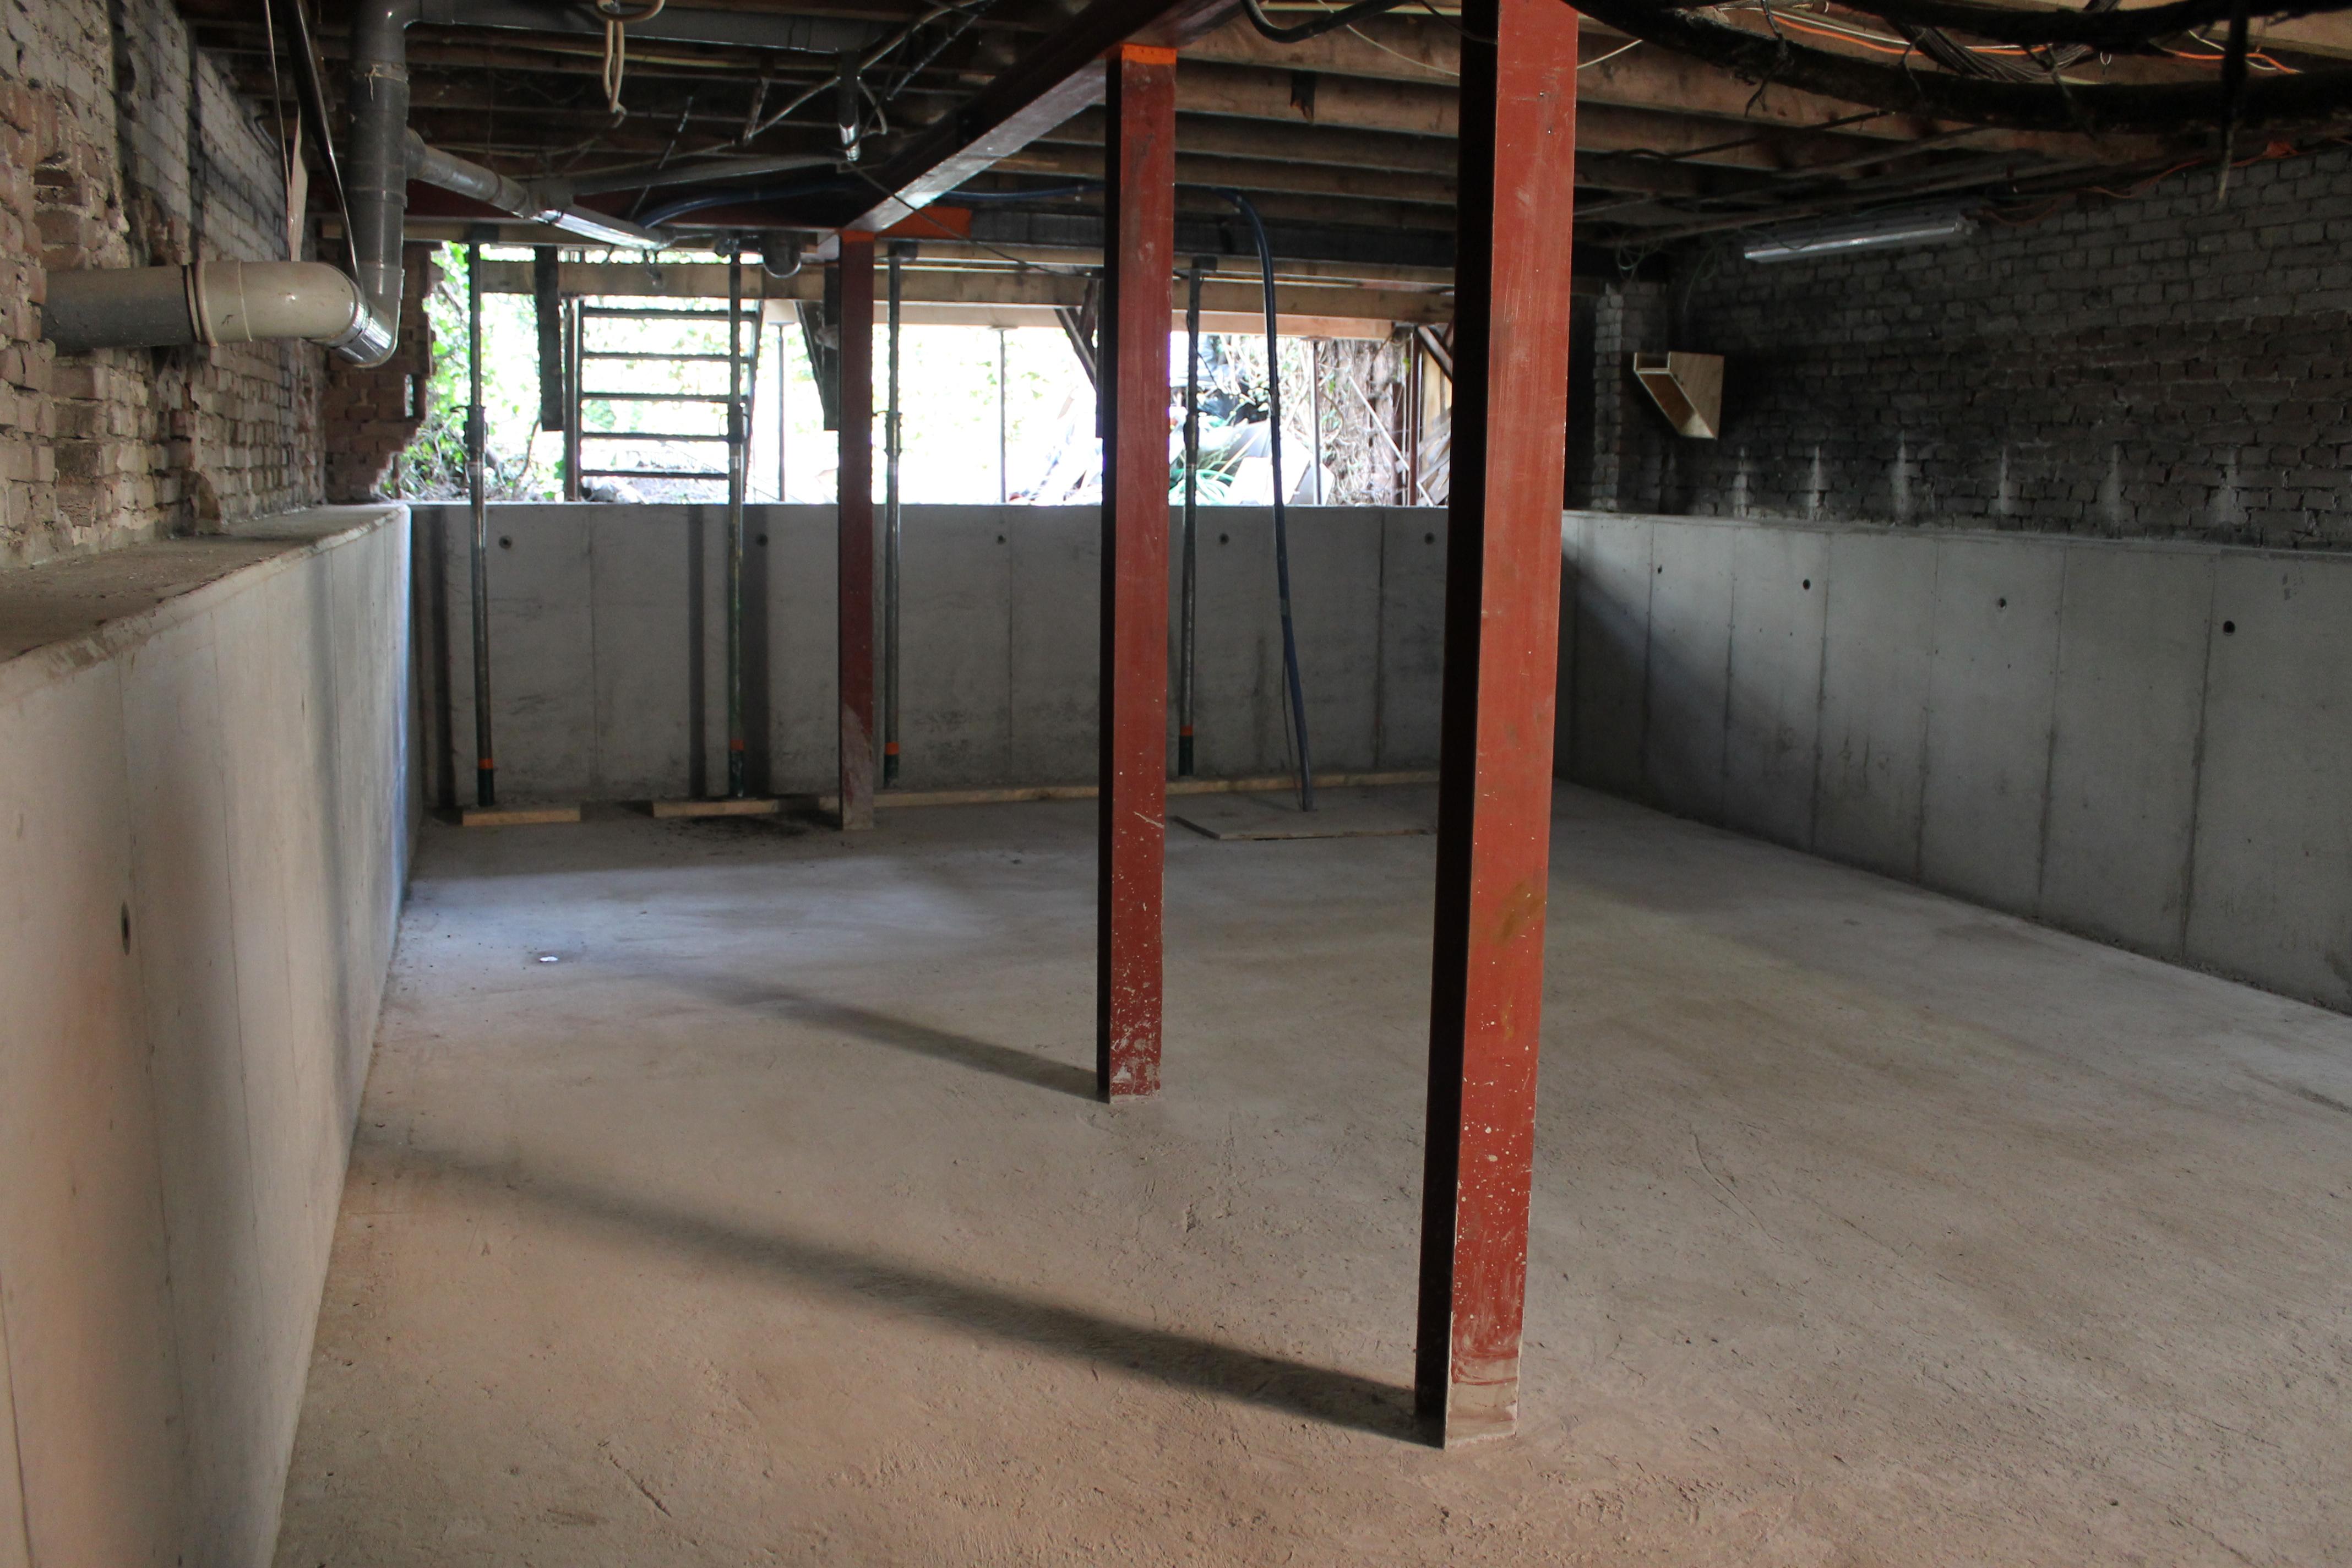 De nieuwe fundering is klaar. In dit geval is de kruipruimte extra uitgediept zodat deze als extra woonlaag kan worden gebruikt.